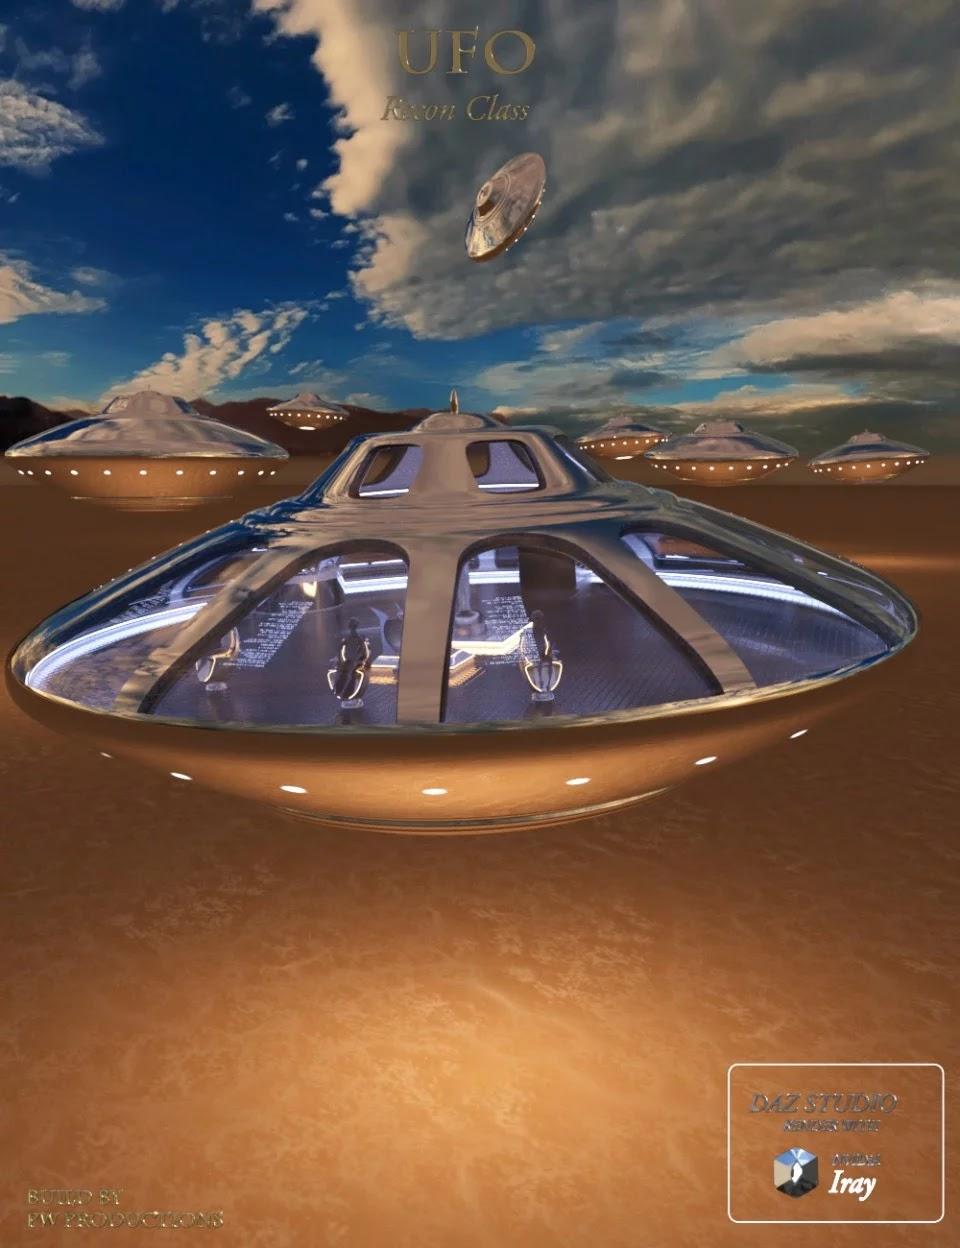 PW UFO Recon Class_DAZ3D下载站